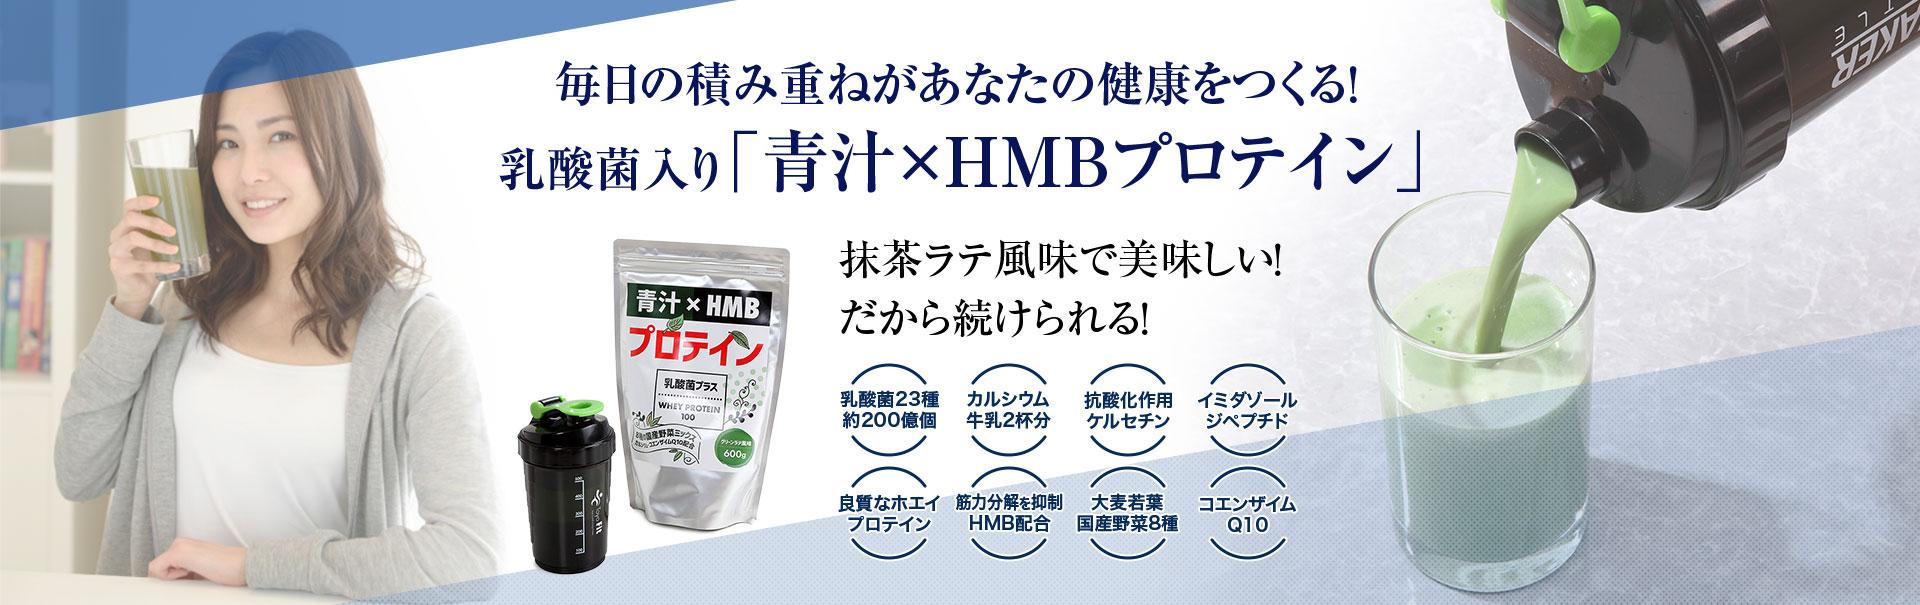 毎日の積み重ねがあなたの健康をつくる!  乳酸菌入り「青汁×HMBプロテイン」